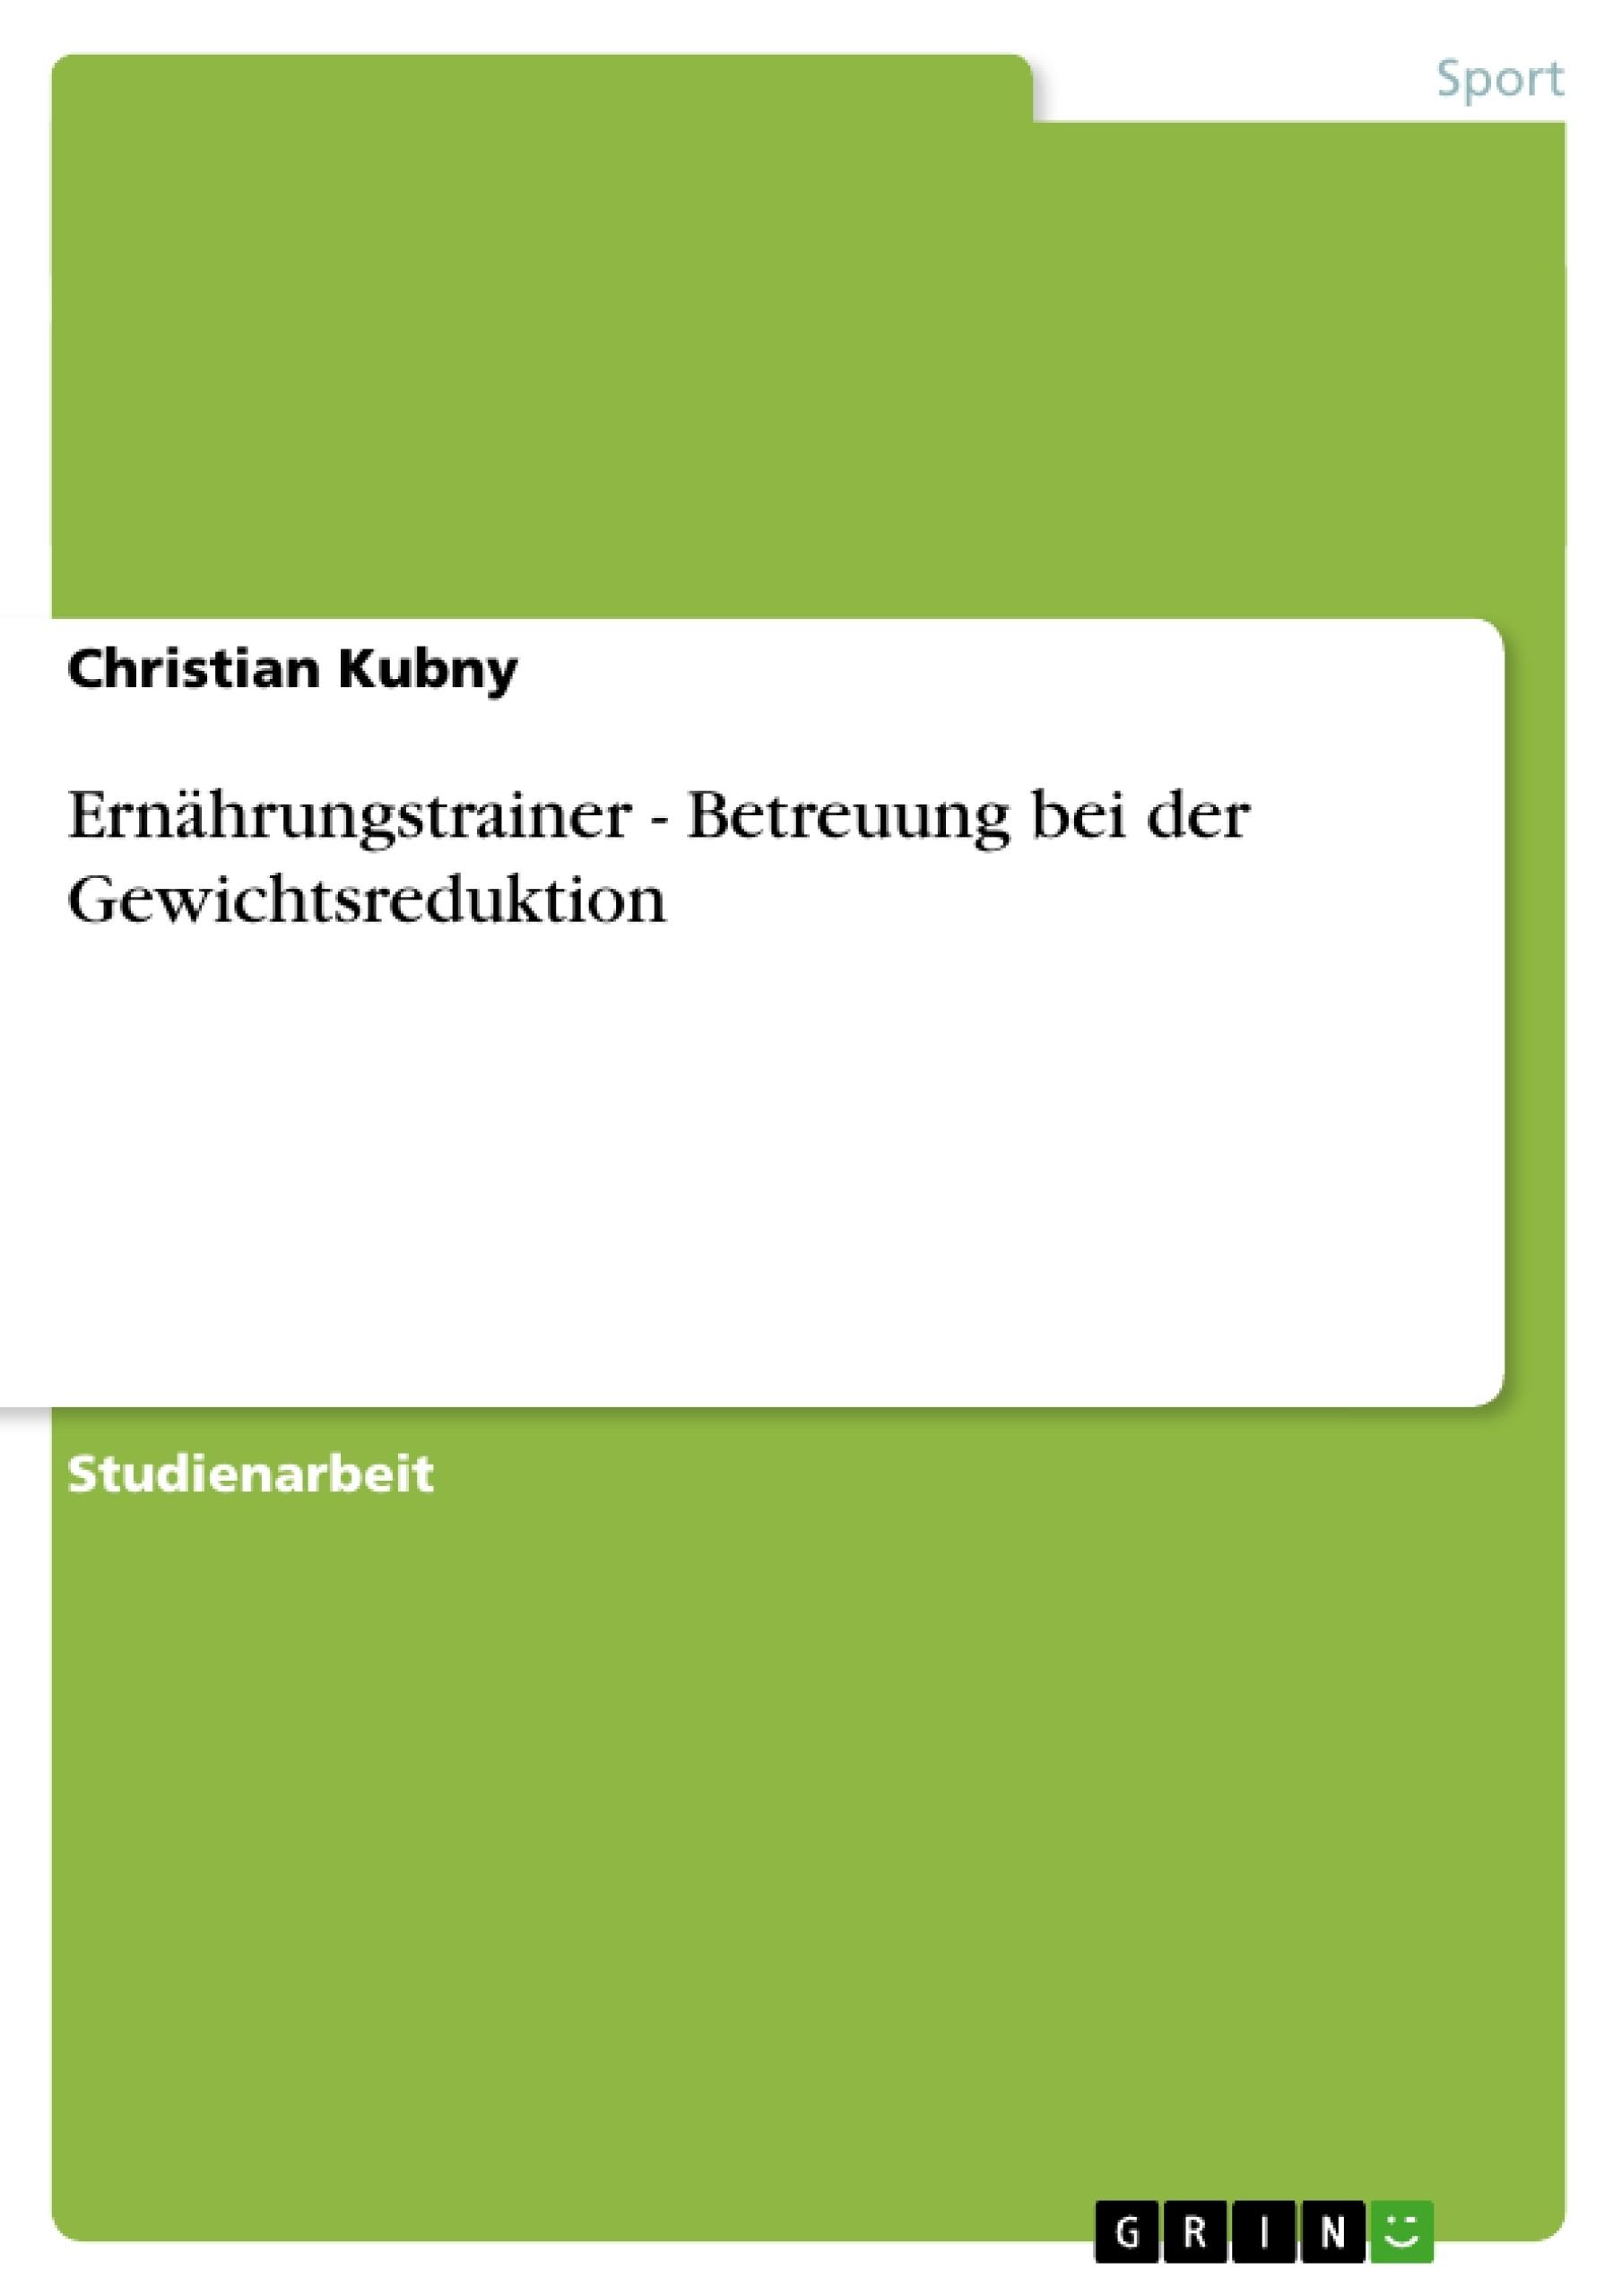 Titel: Ernährungstrainer - Betreuung bei der Gewichtsreduktion